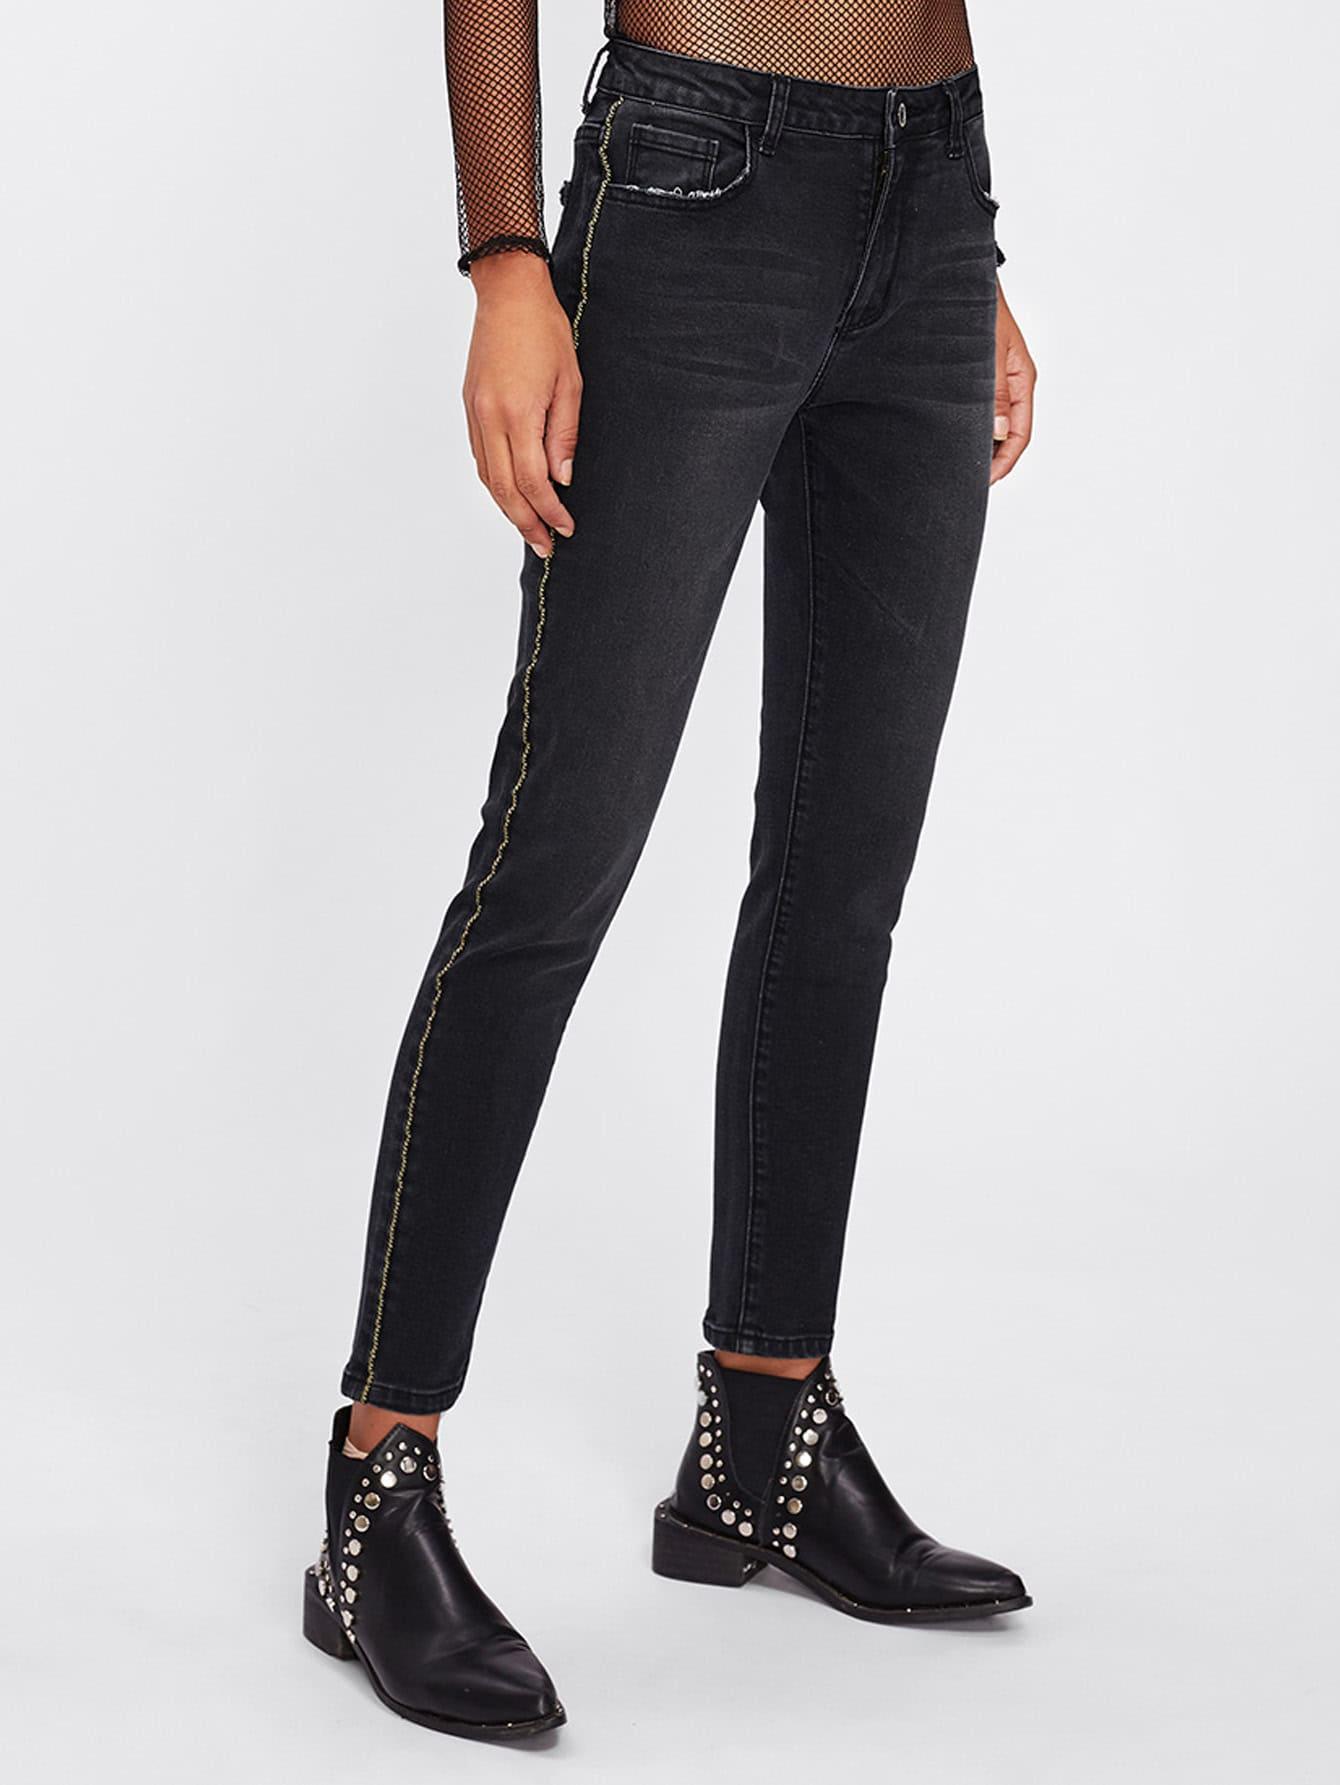 Dark Wash Tipping Detail Jeans